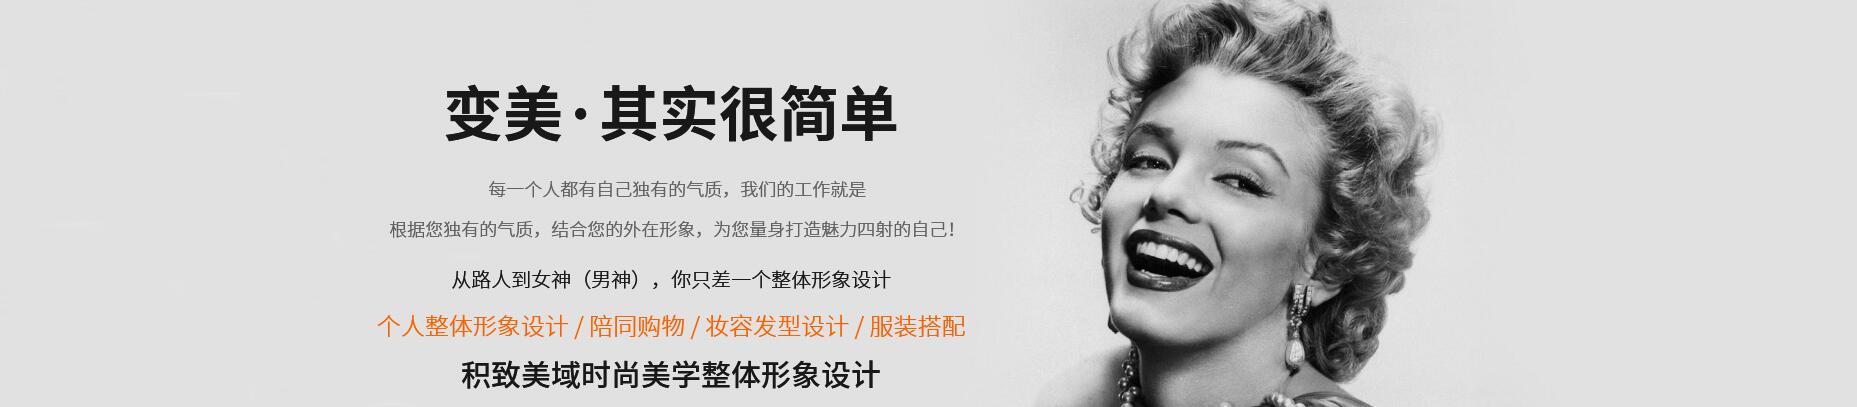 武汉积致美域时尚教育